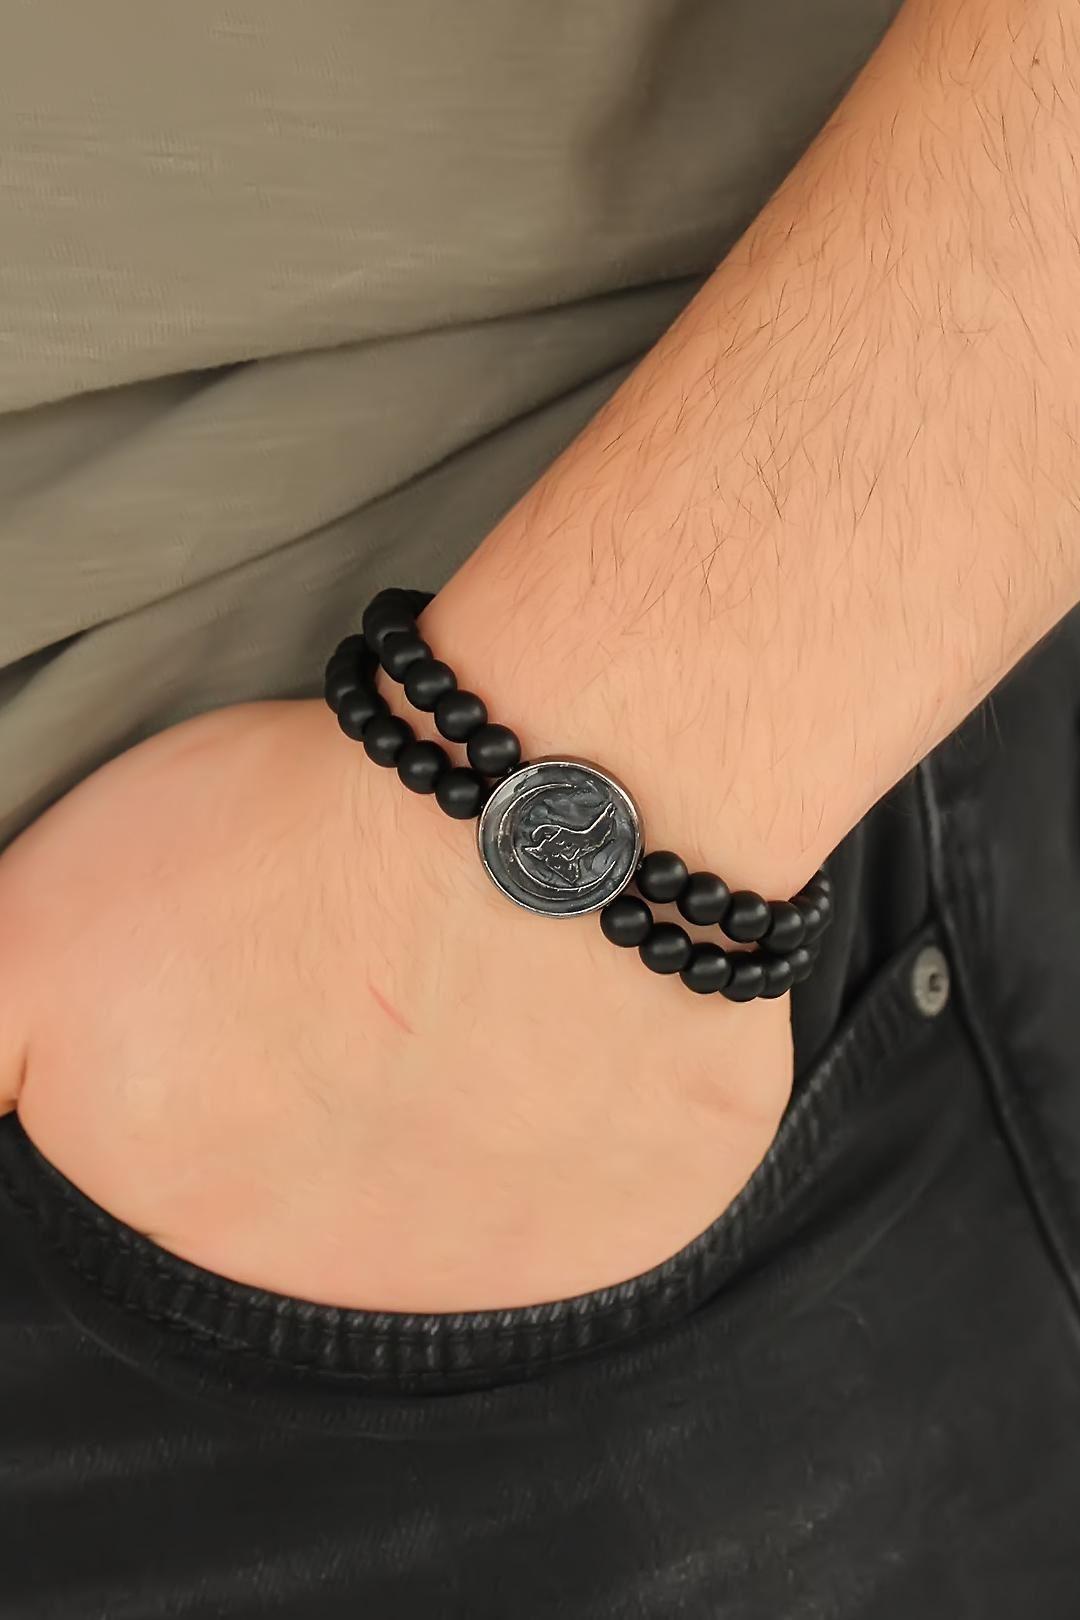 Füme Metal Bozkurt Tasarımlı Siyah Renk Mat Oniks Doğal Taş Erkek Bileklik